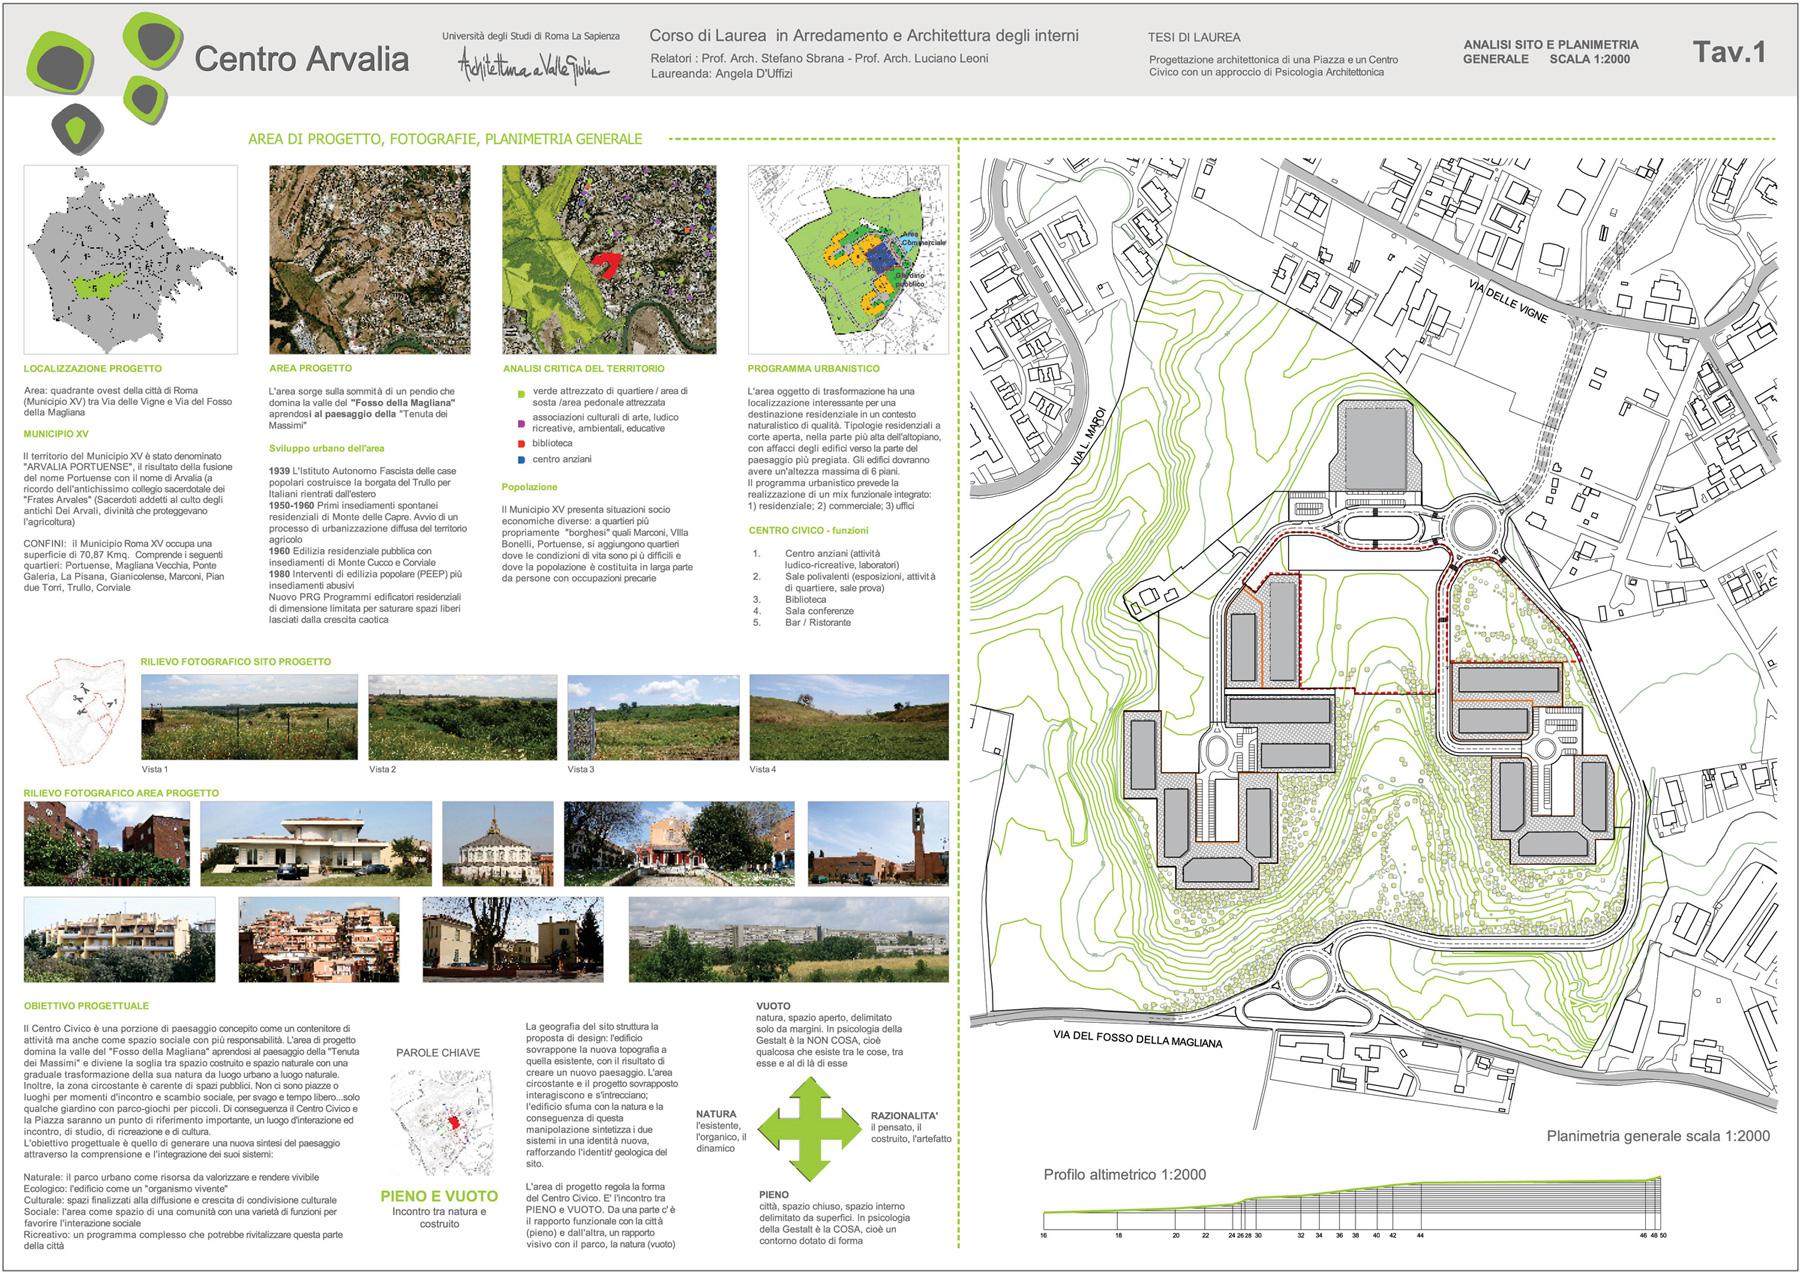 Tesi di laurea di angela d 39 uffizi - Tavole di concorso architettura ...